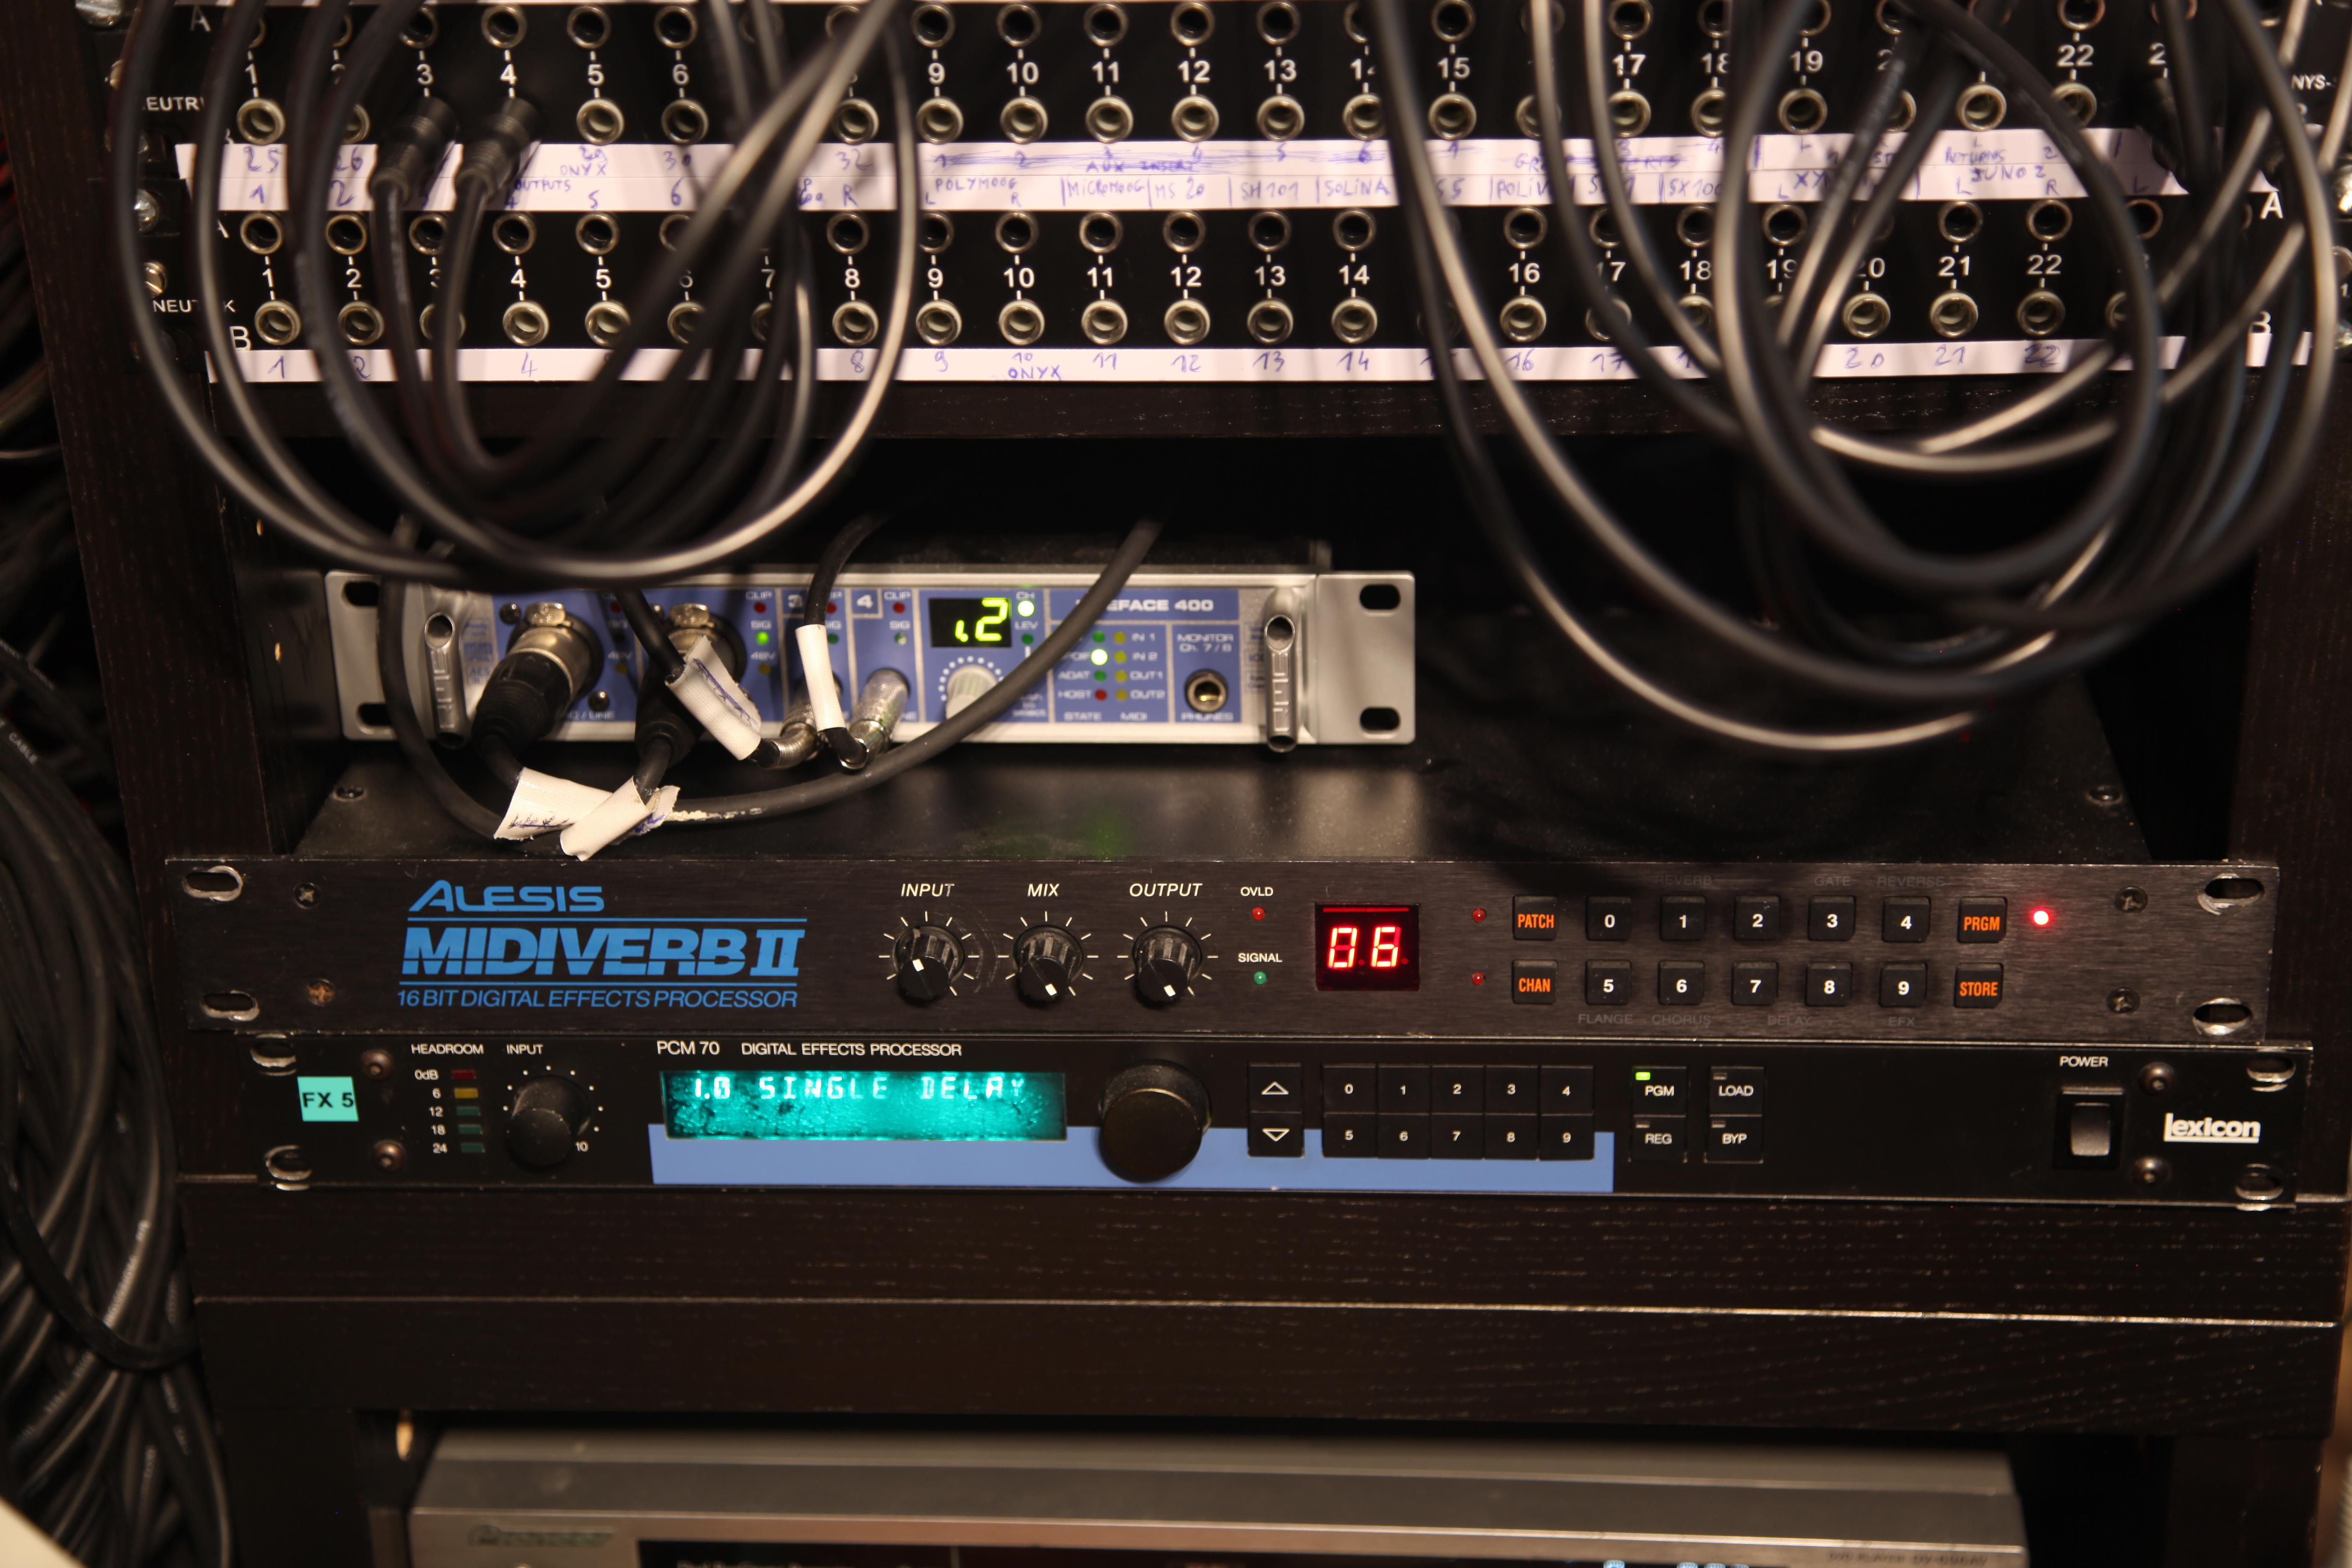 Midiverb 2 et PCM 70